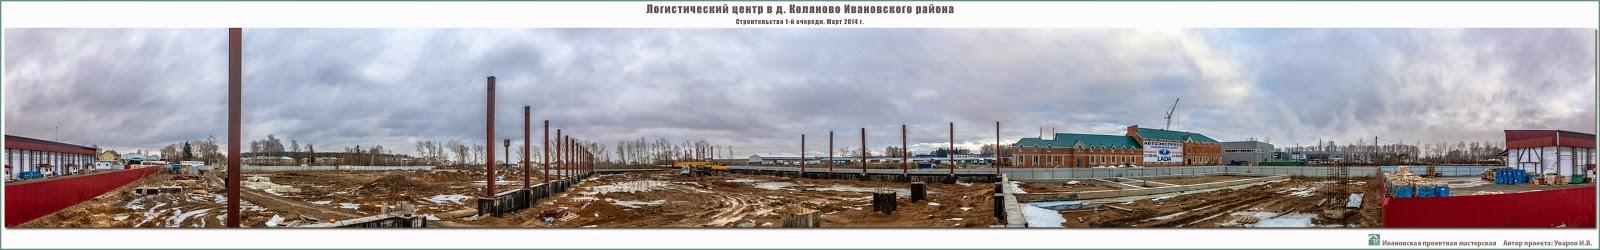 Строительство логистического центра в пригороде г. Иваново - д. Коляново Ивановского р-на